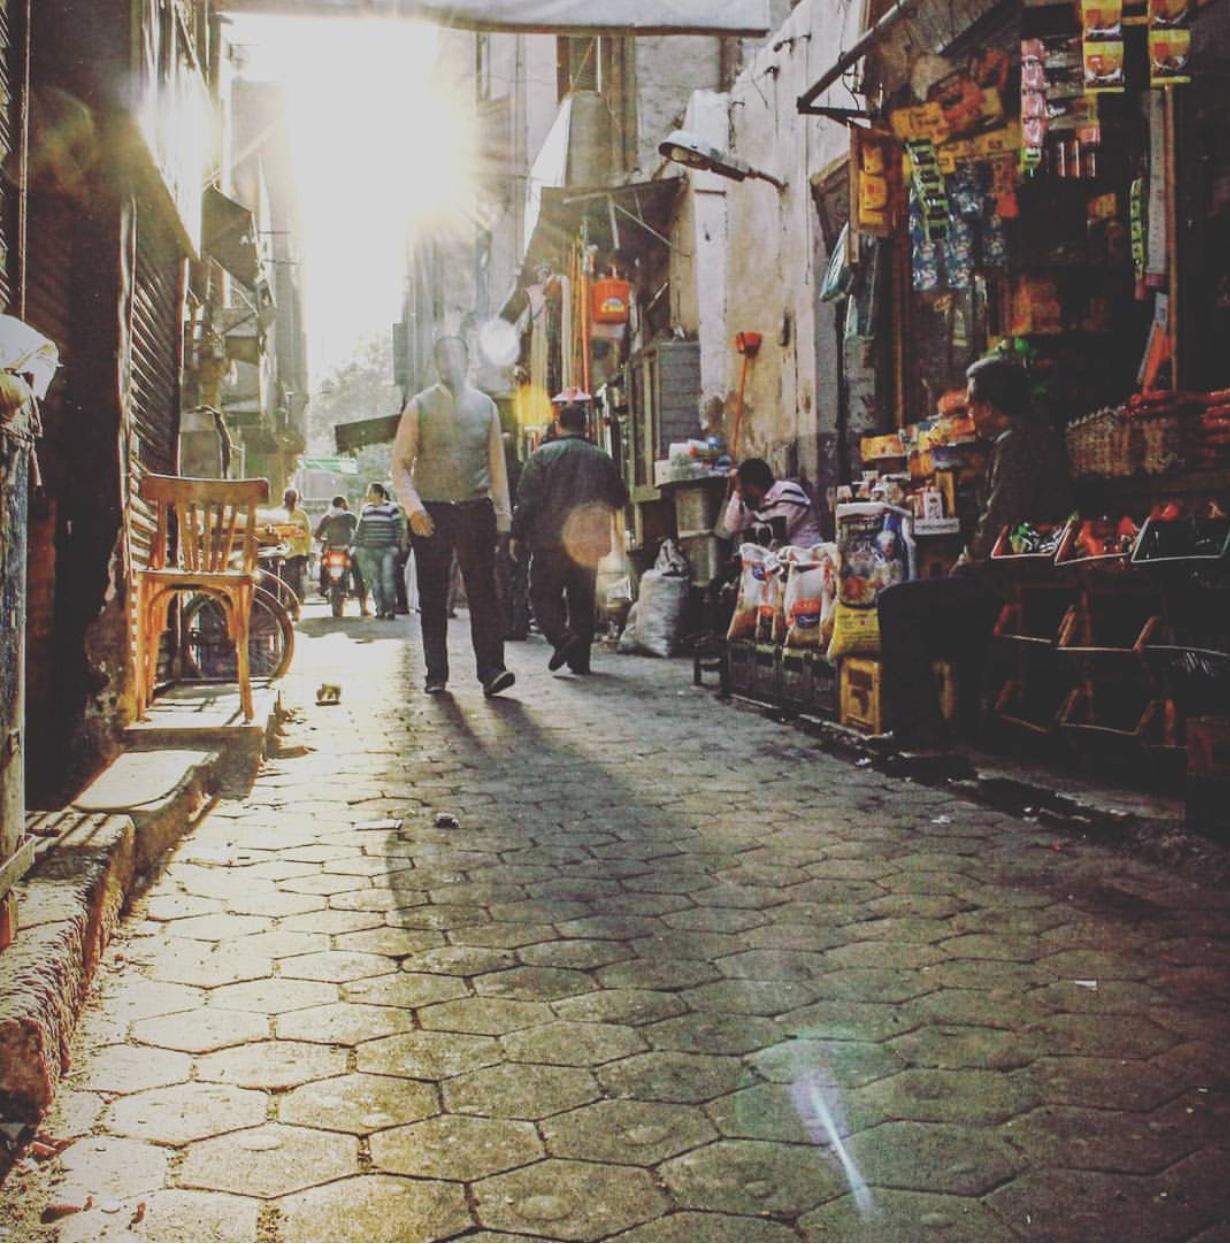 شارع شركس الوسطاني بمثلث ماسبيرو- تصوير: صديق البخشونجي